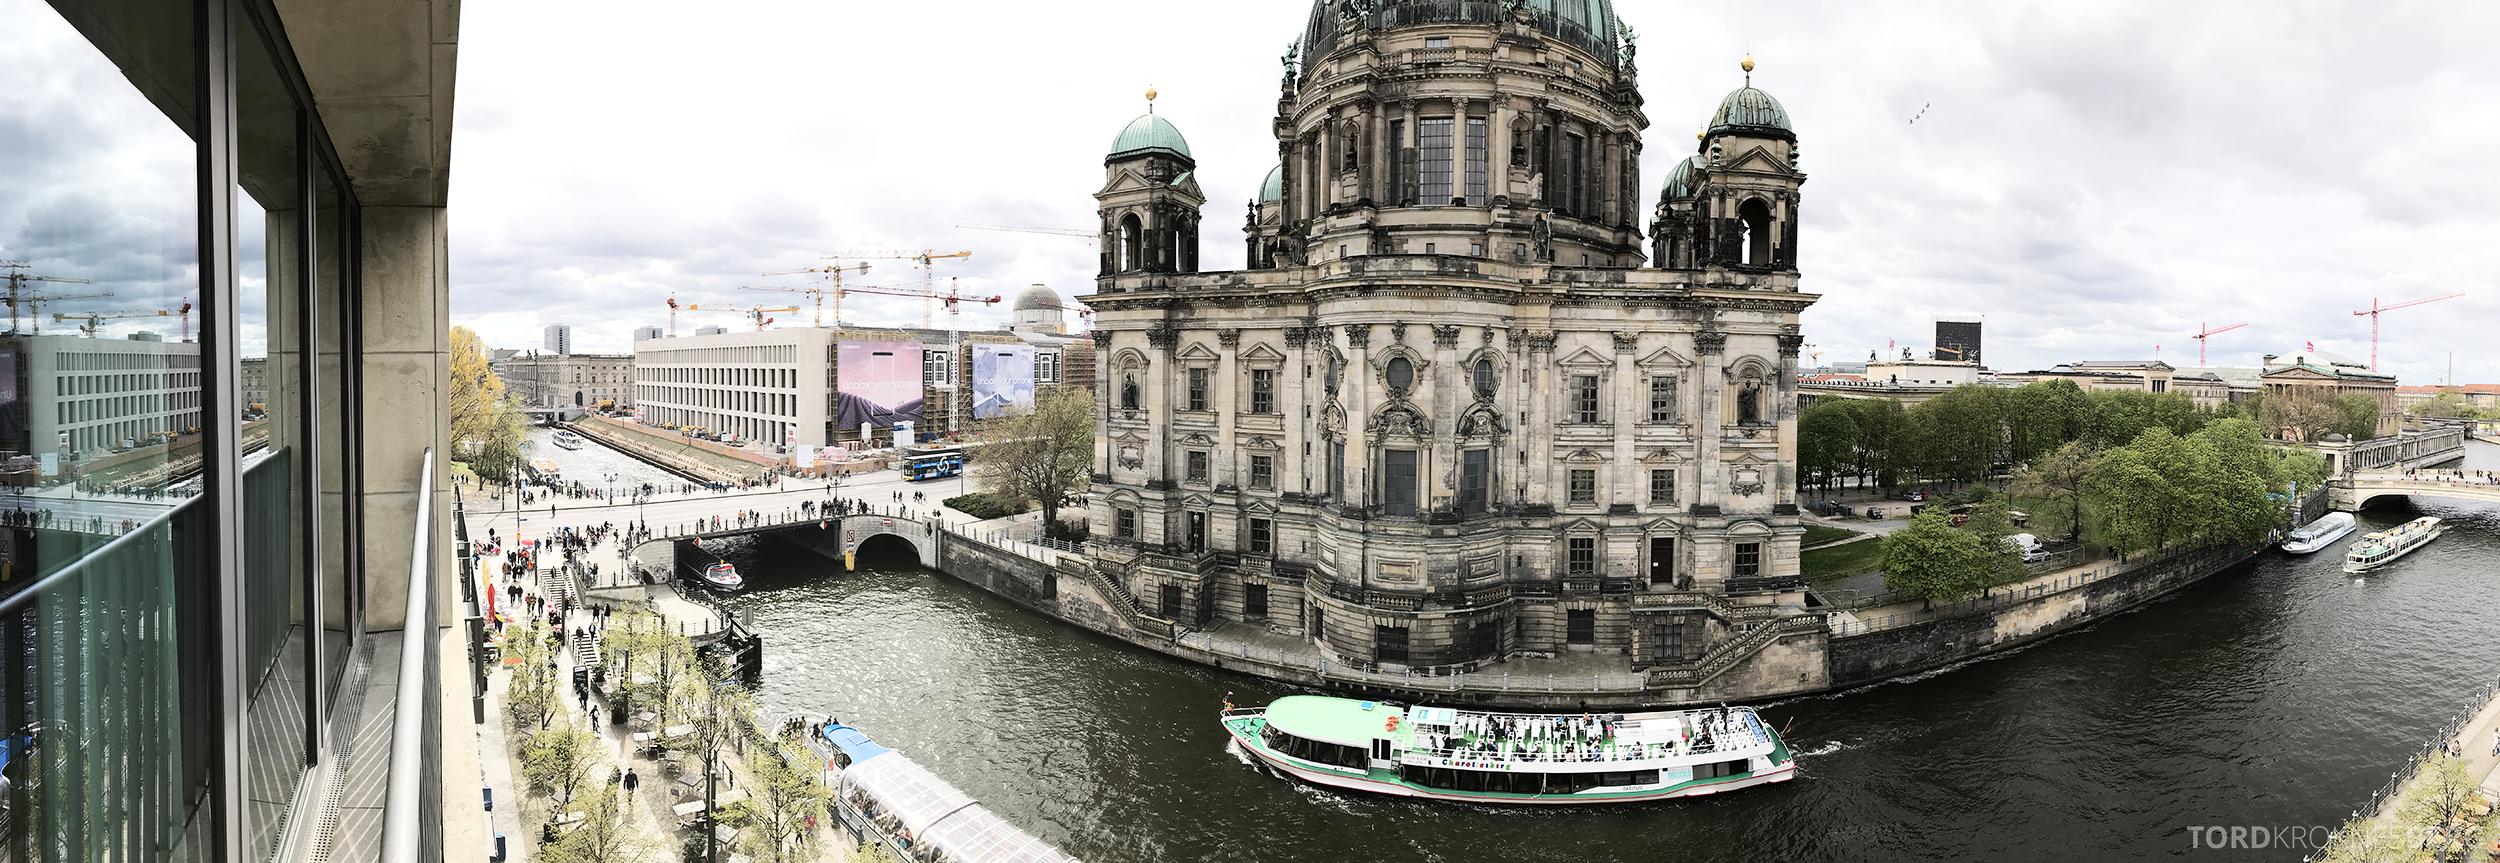 Radisson Blu Berlin panorama utsikt